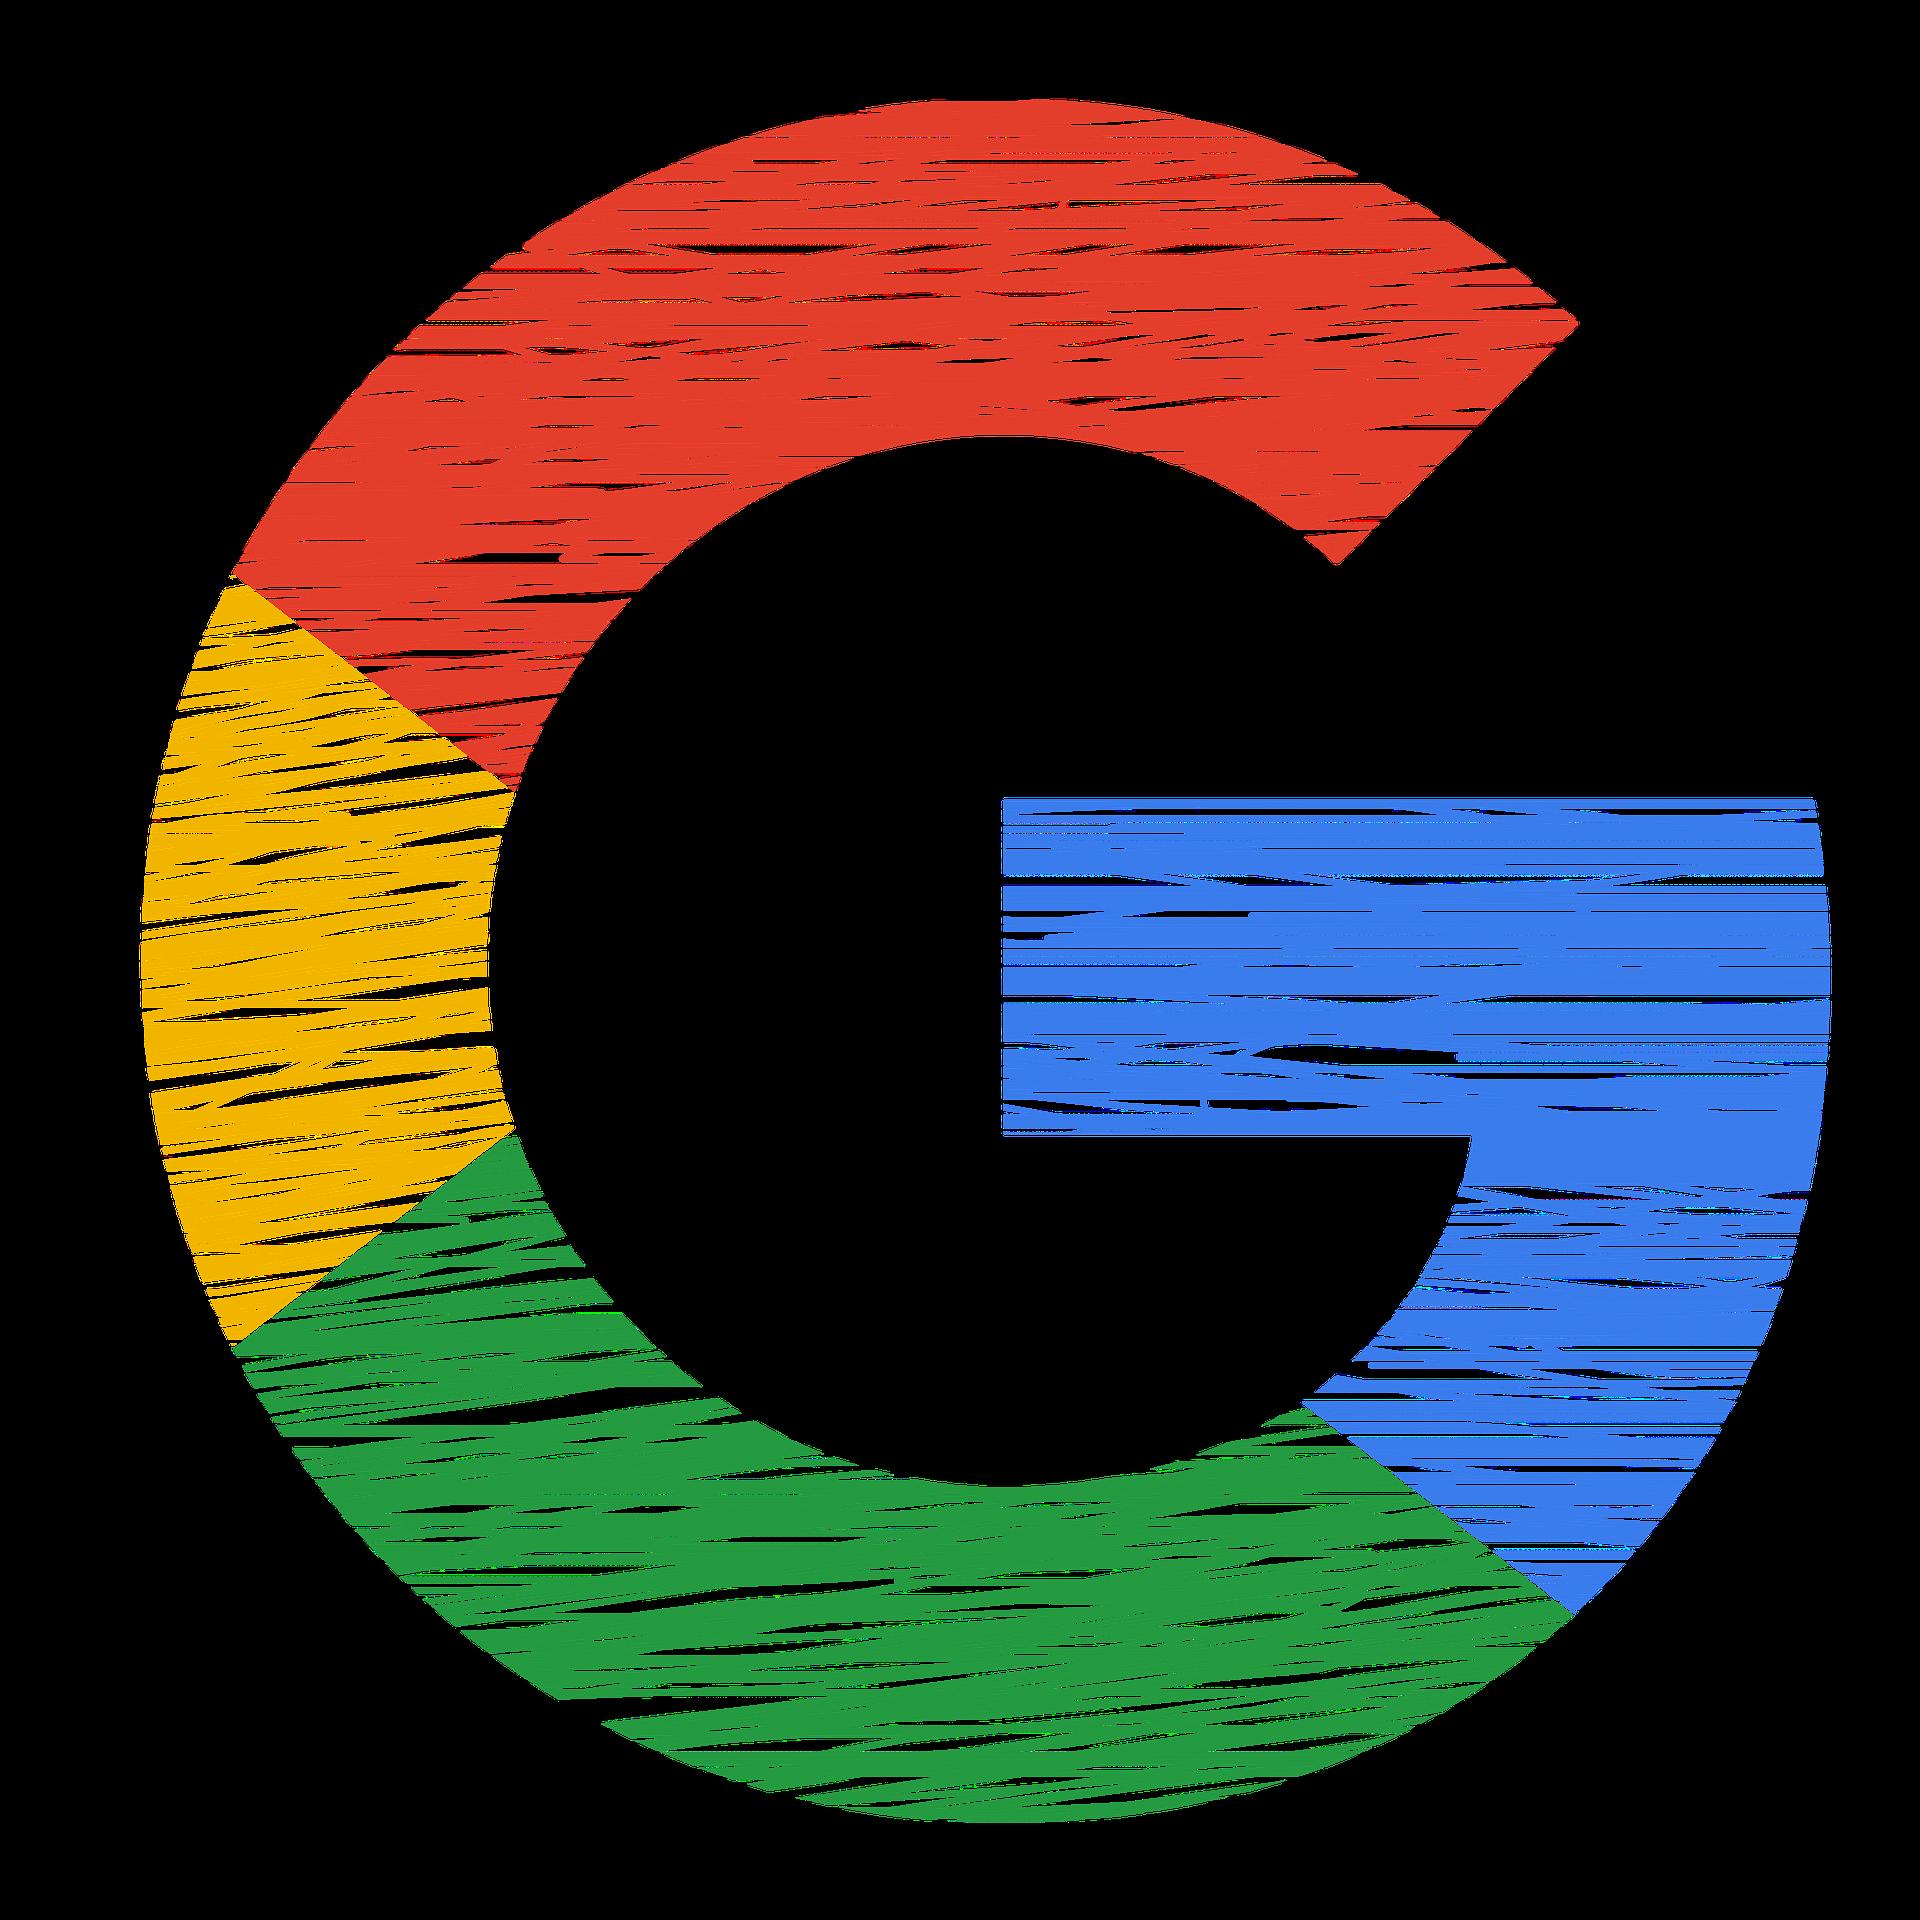 logo-google-1991840_192_20180220-143758_1.png